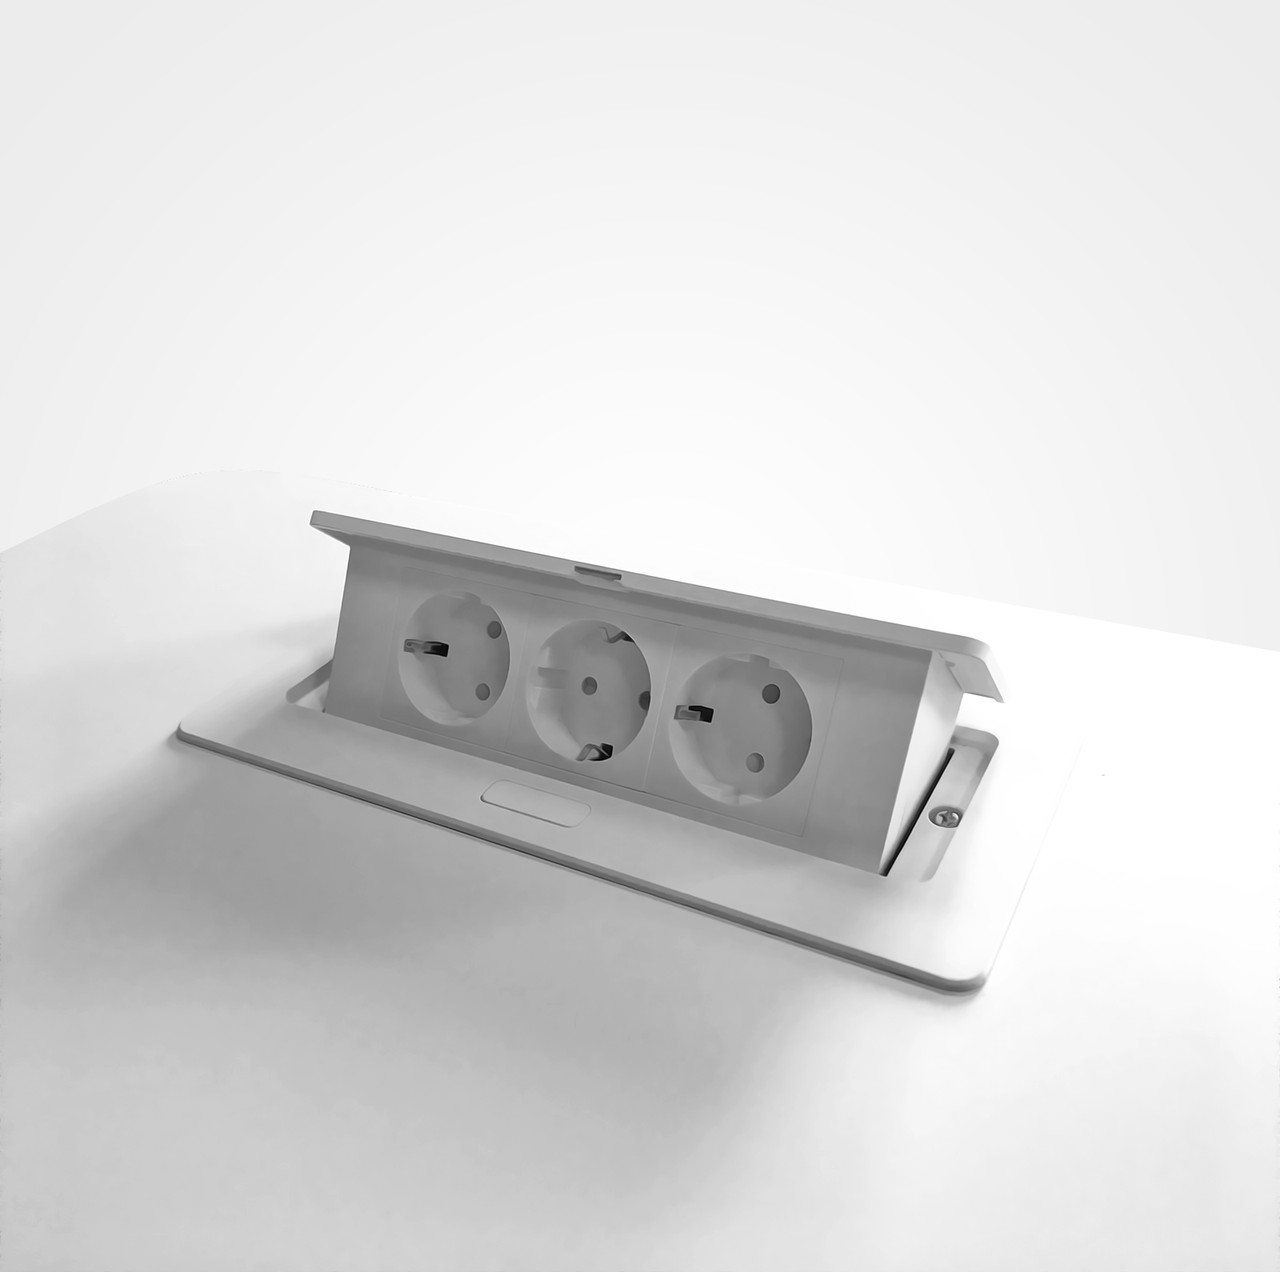 Встраиваемый сетевой фильтр в столешницу